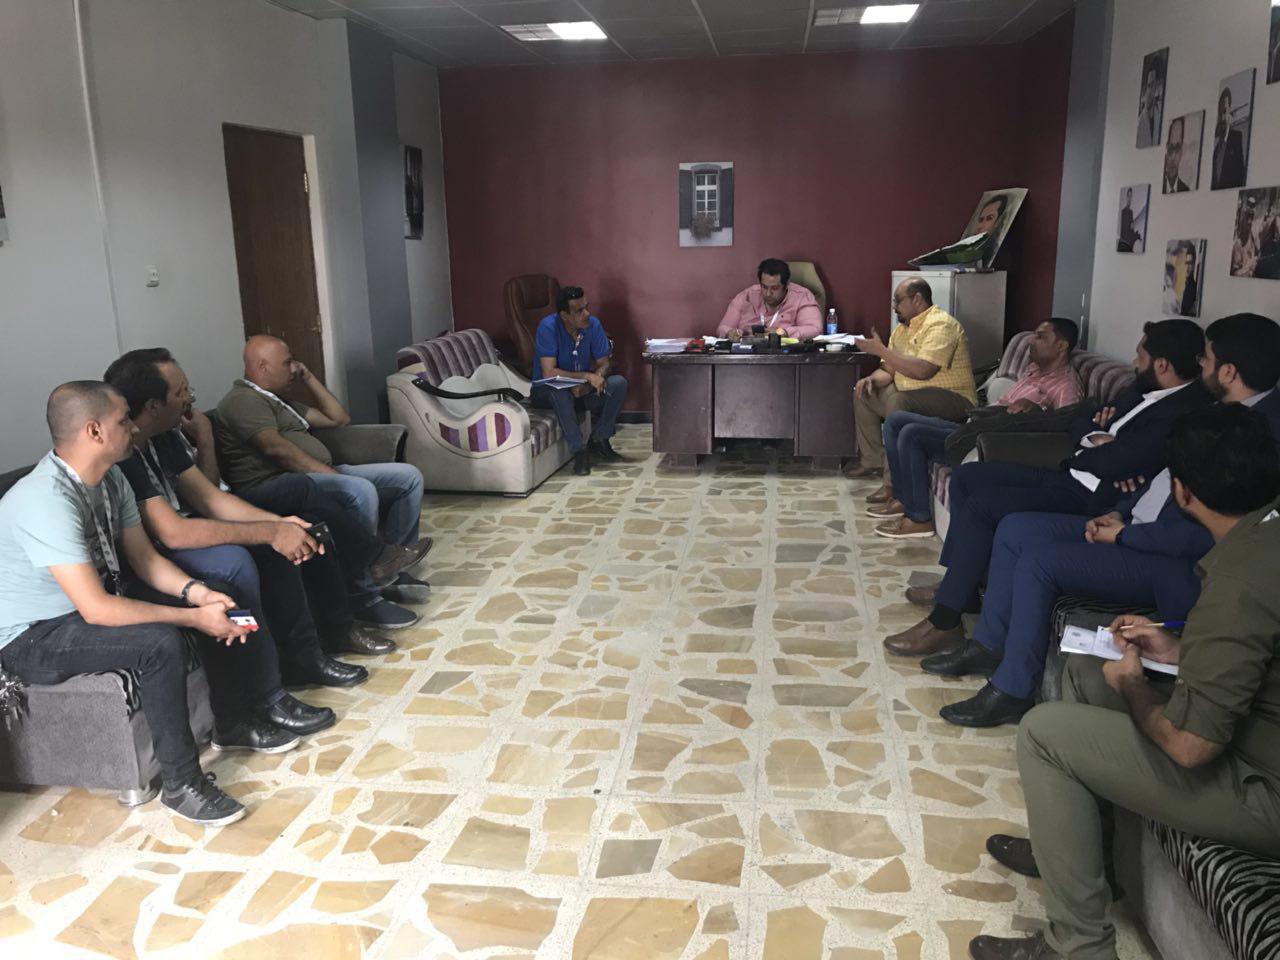 صورة مجموعة الامام الحسين الاعلامية وشبكة الاعلام العراقي تسعدان لاطلاق برنامج حول مشروع بيت المودة